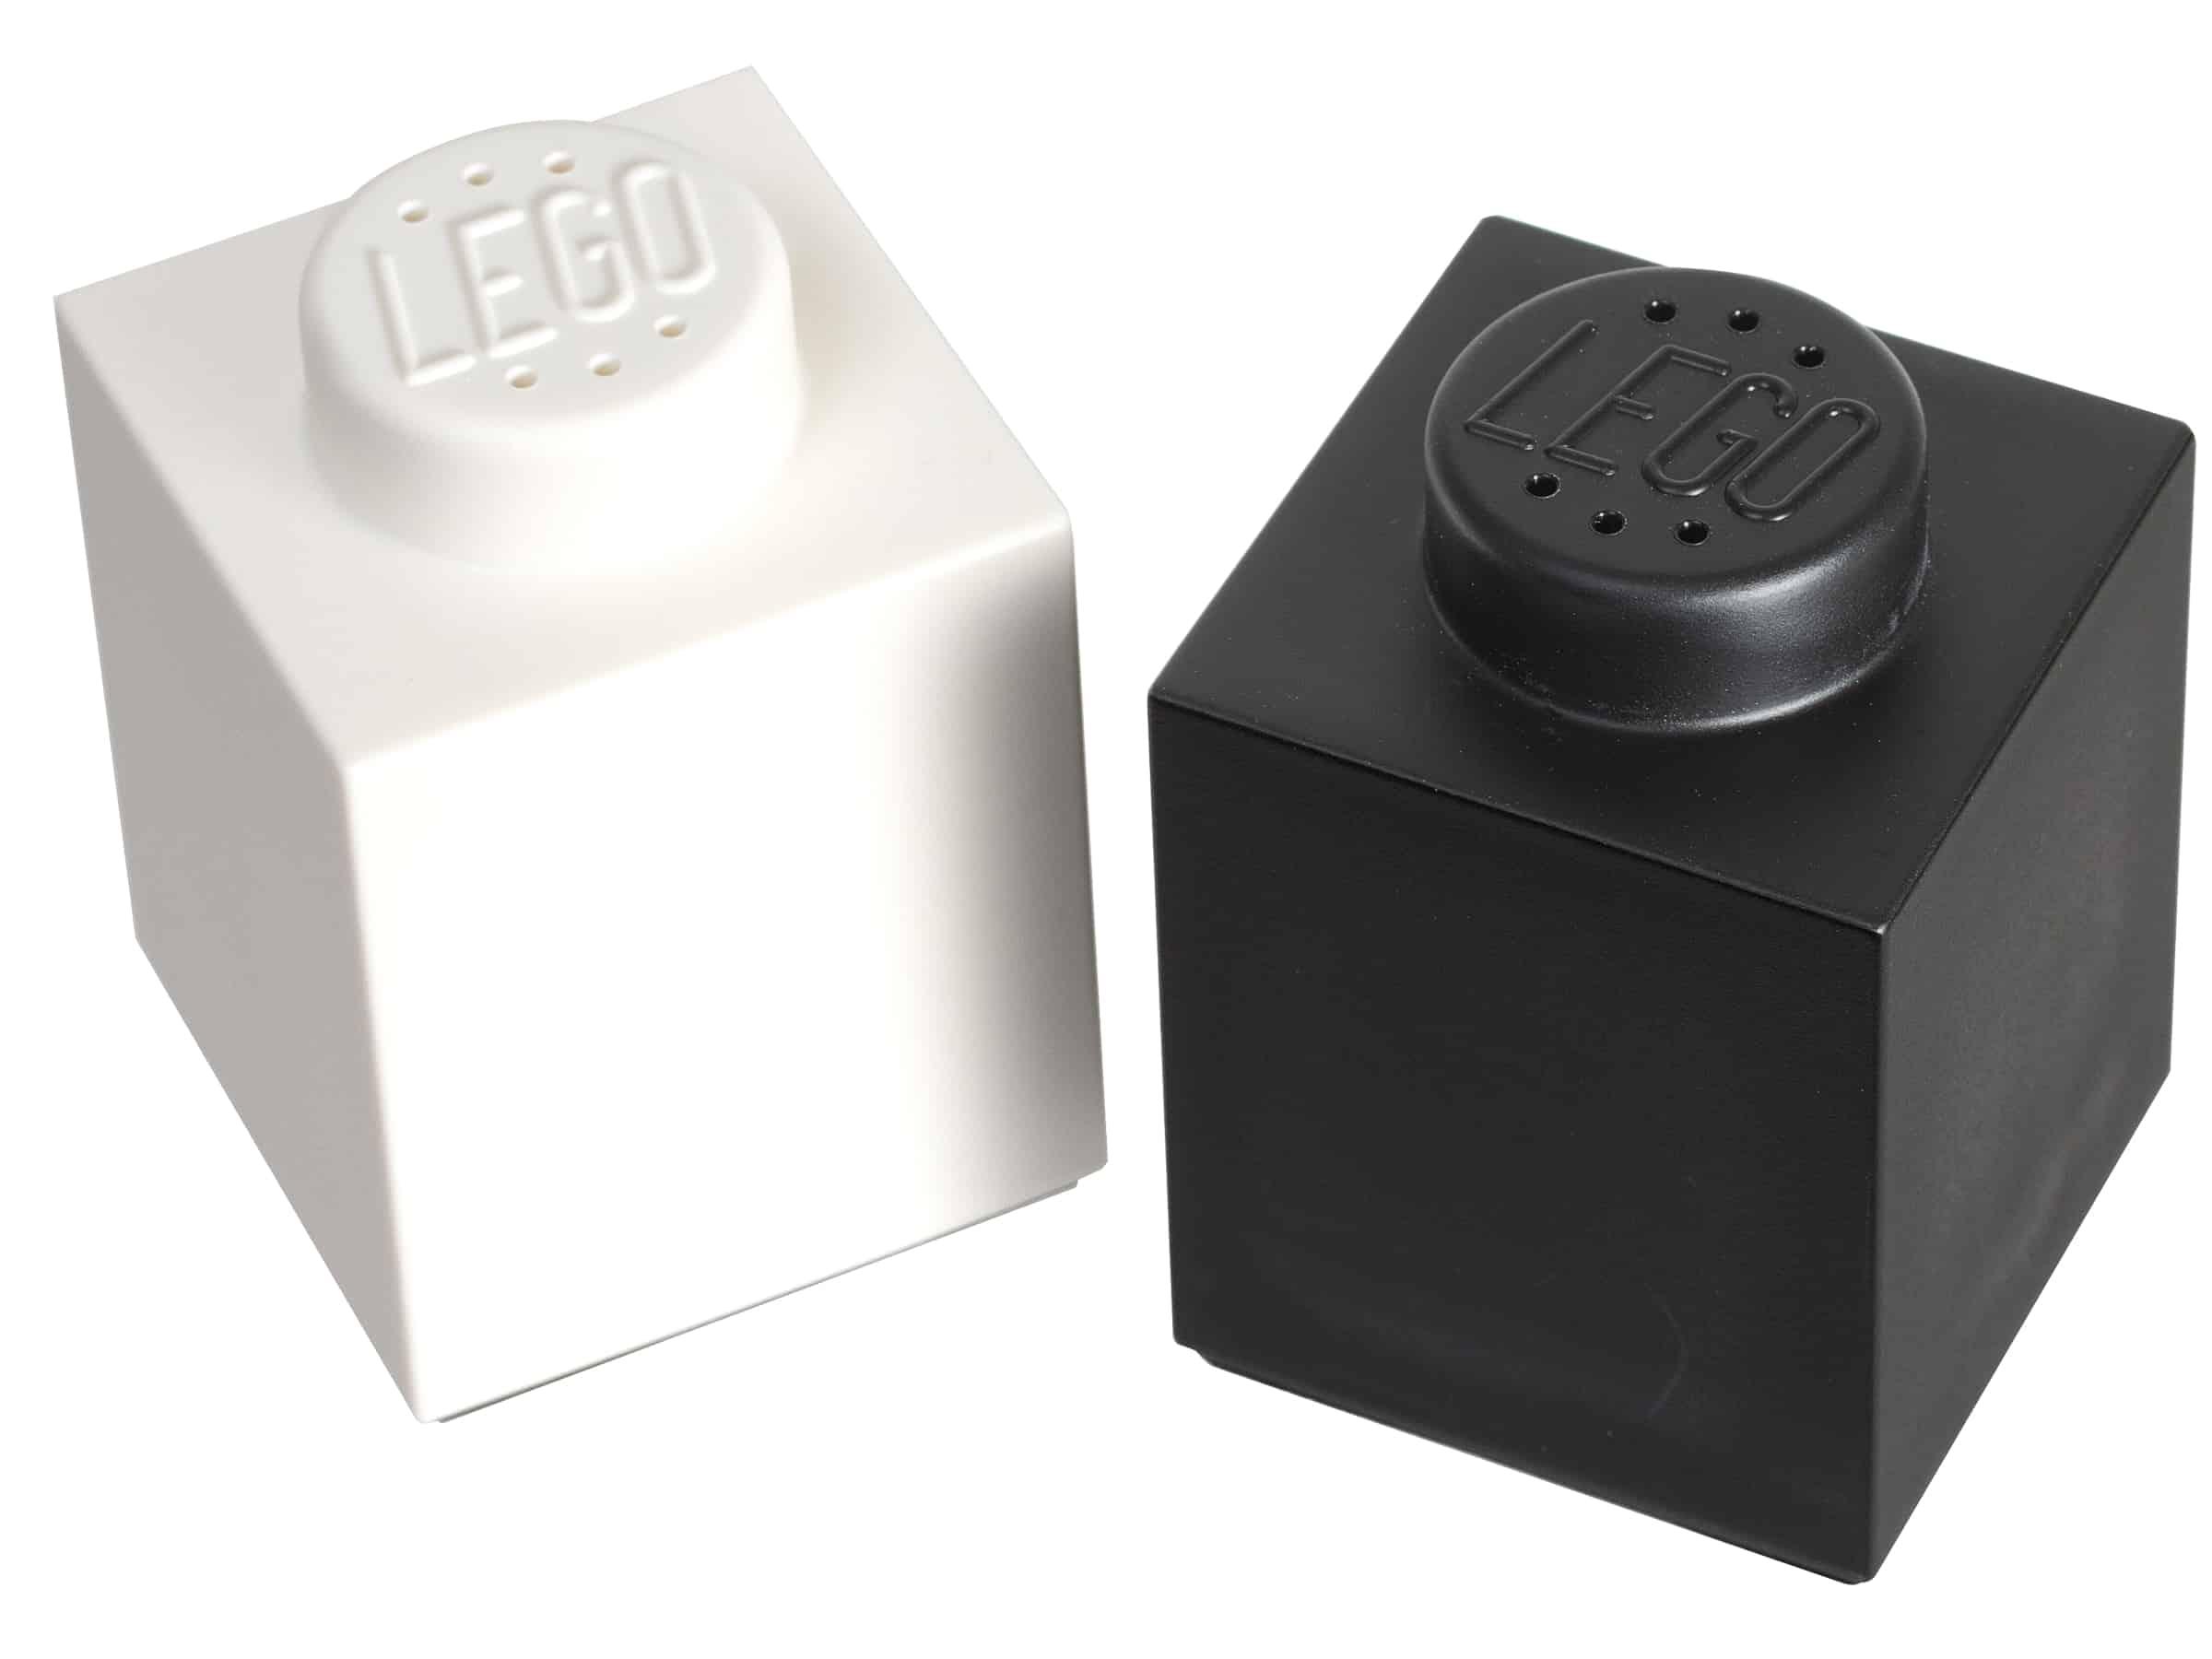 lego peper en zoutset 850705